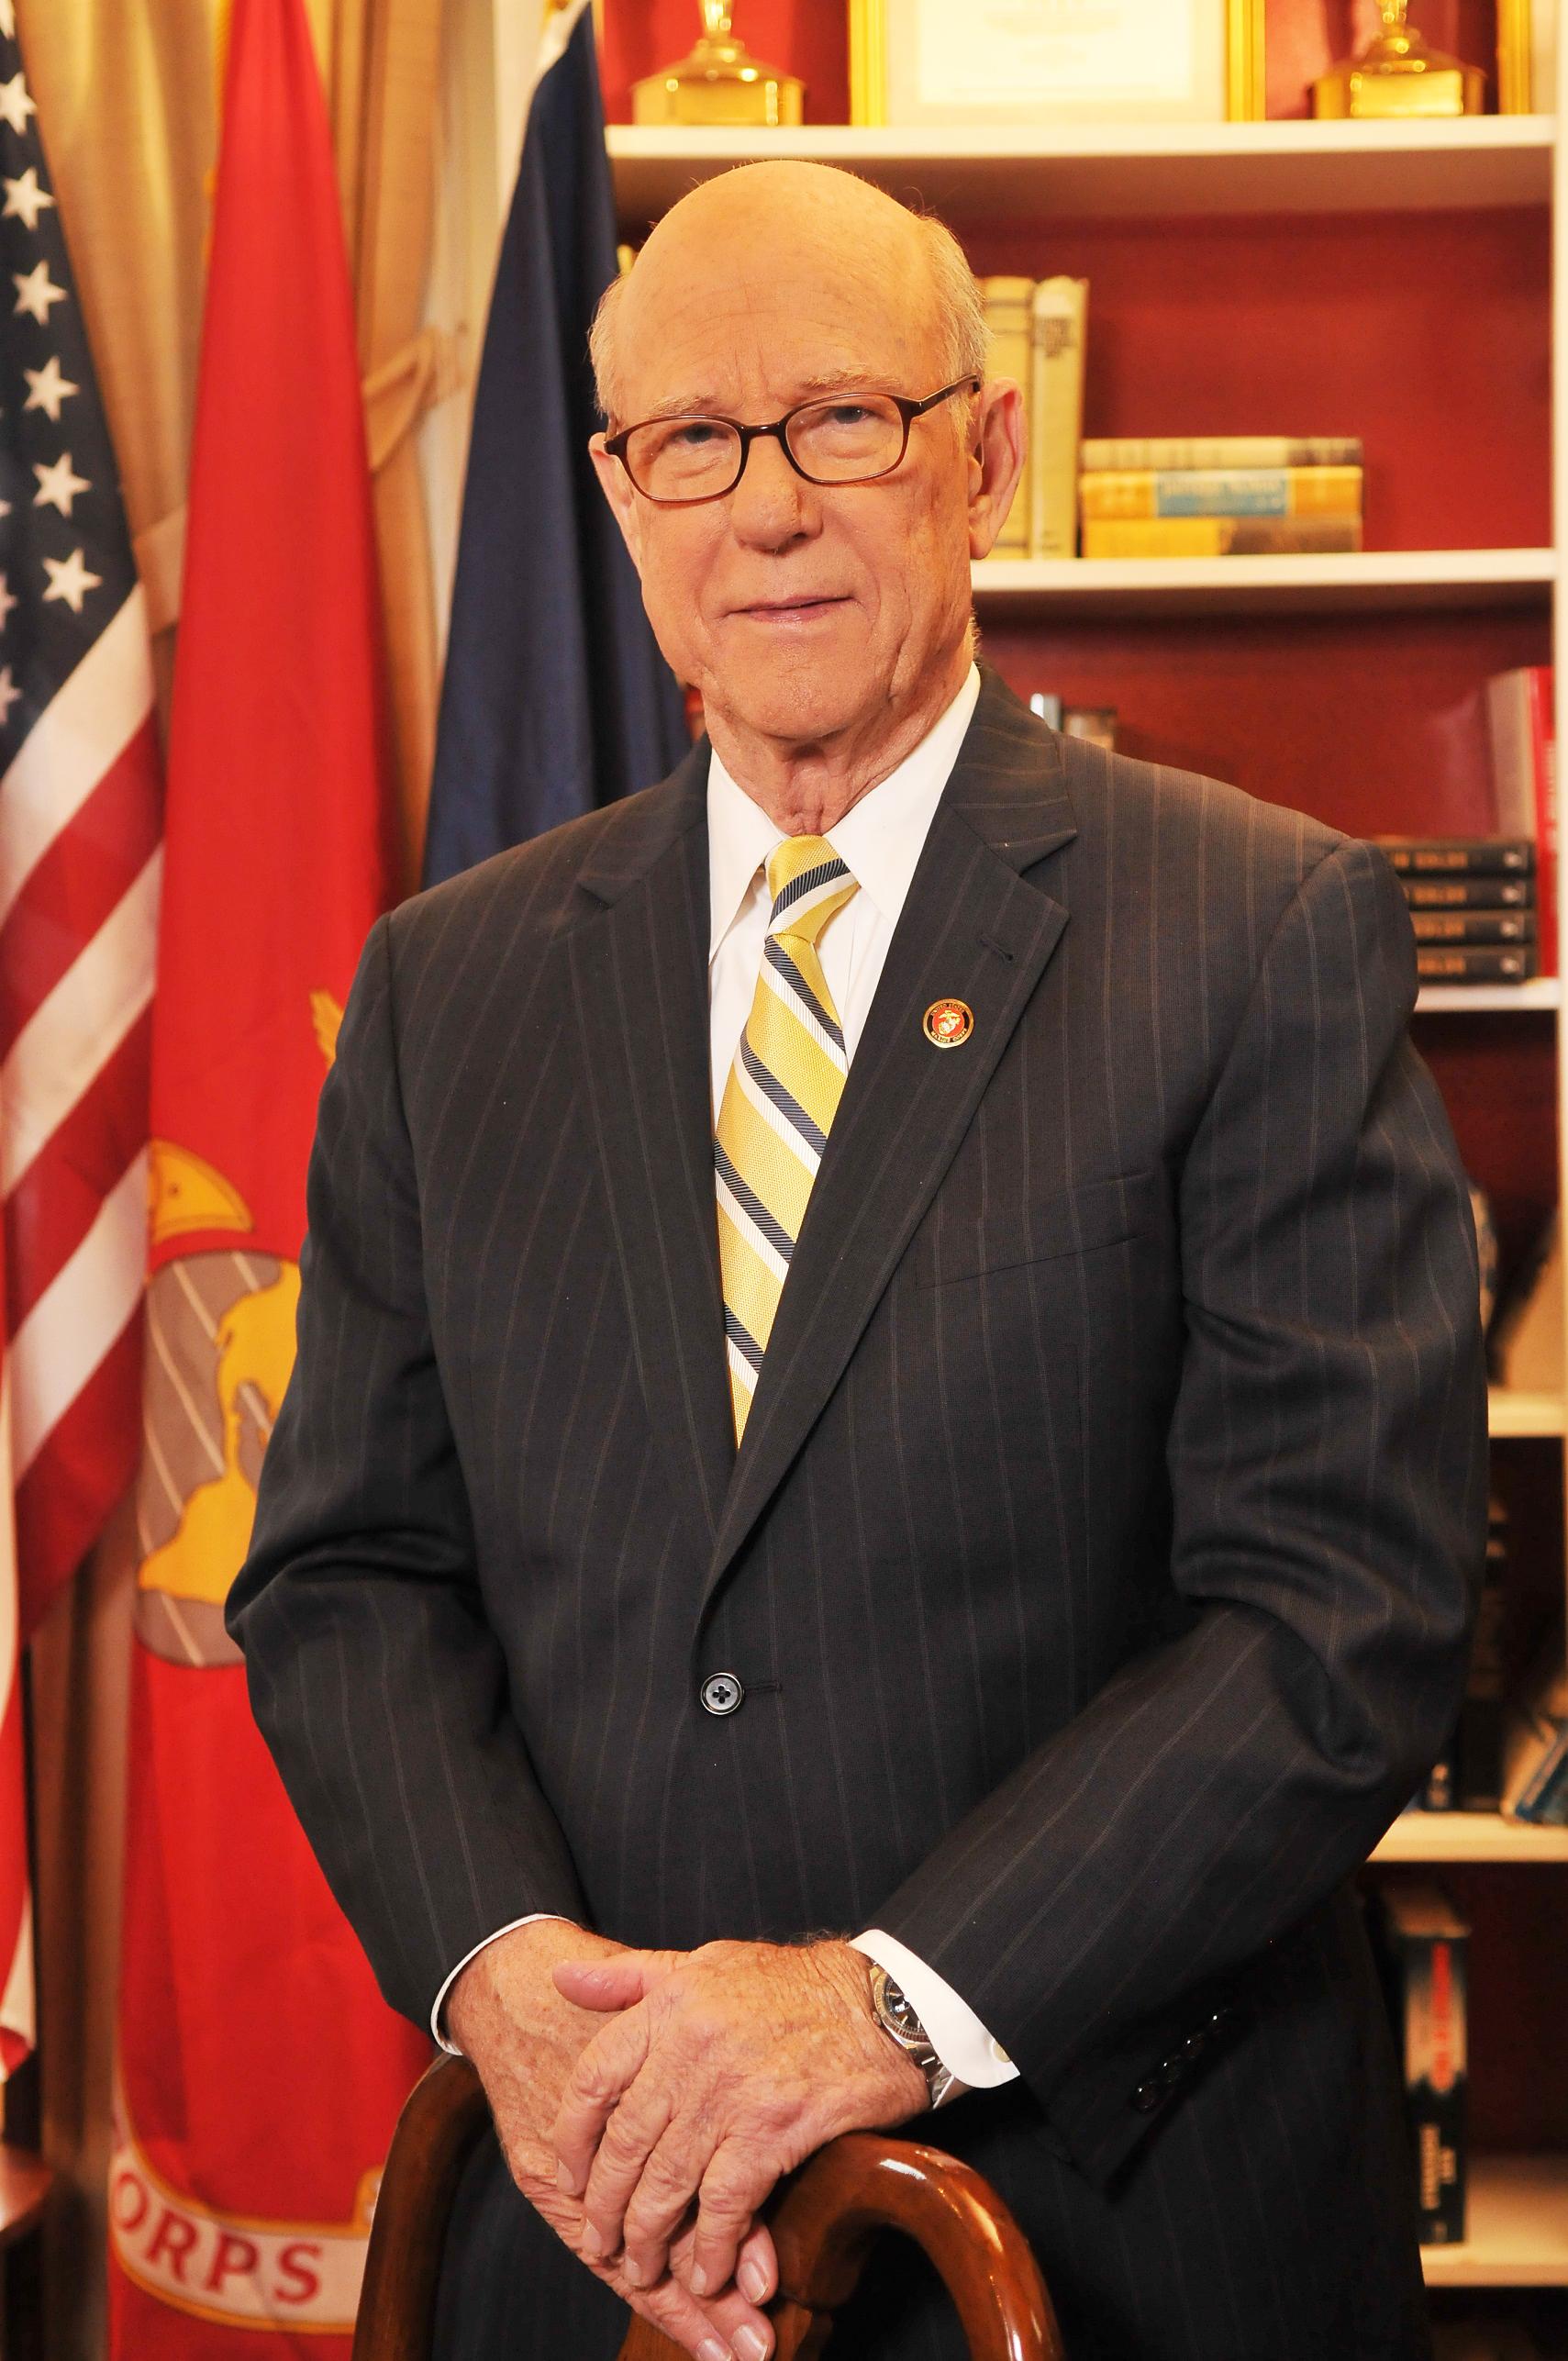 Pat Roberts Wikipedia